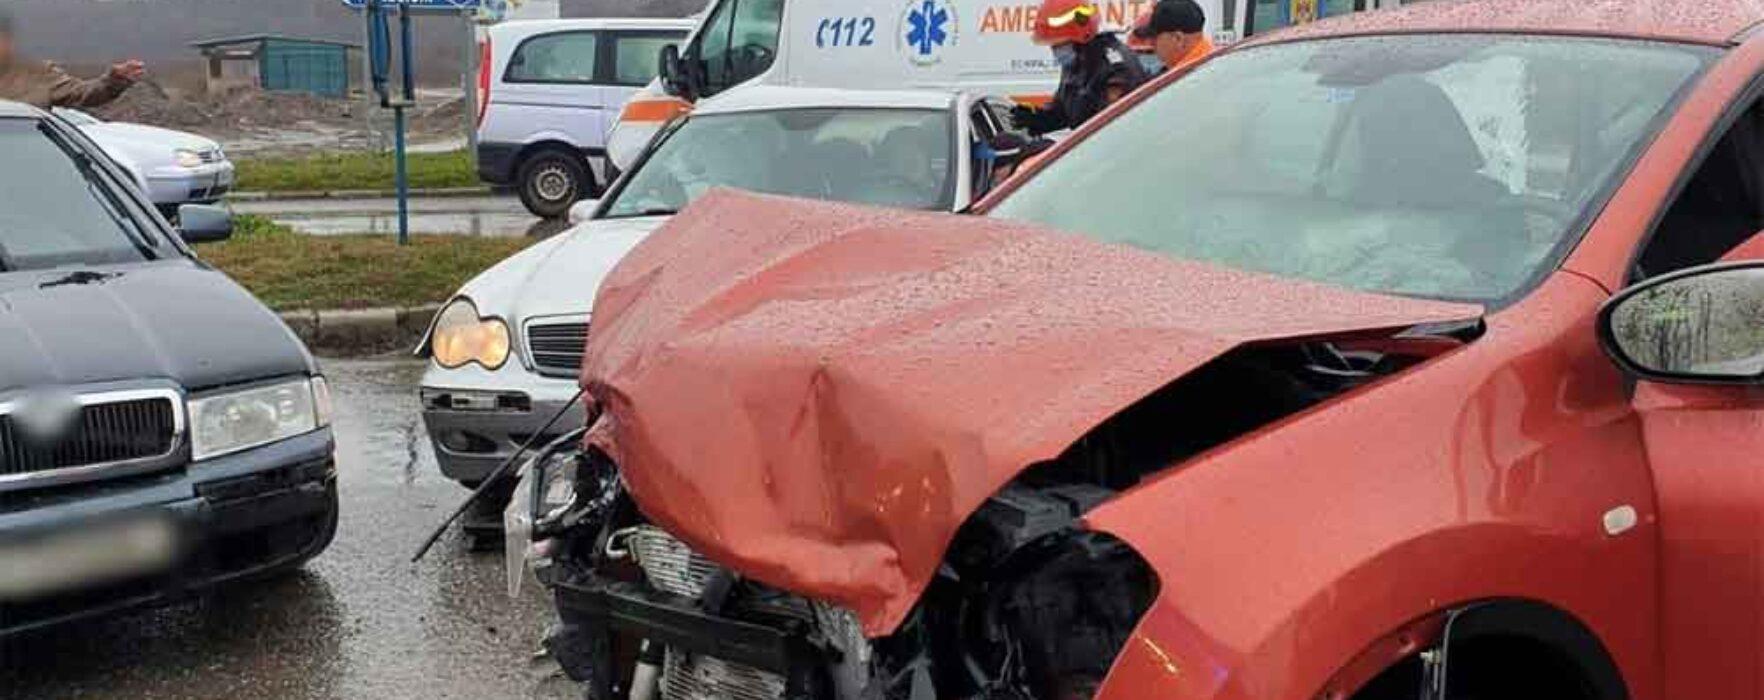 Dâmboviţa: Trei răniţi într-un accident pe DN72, trei maşini implicate